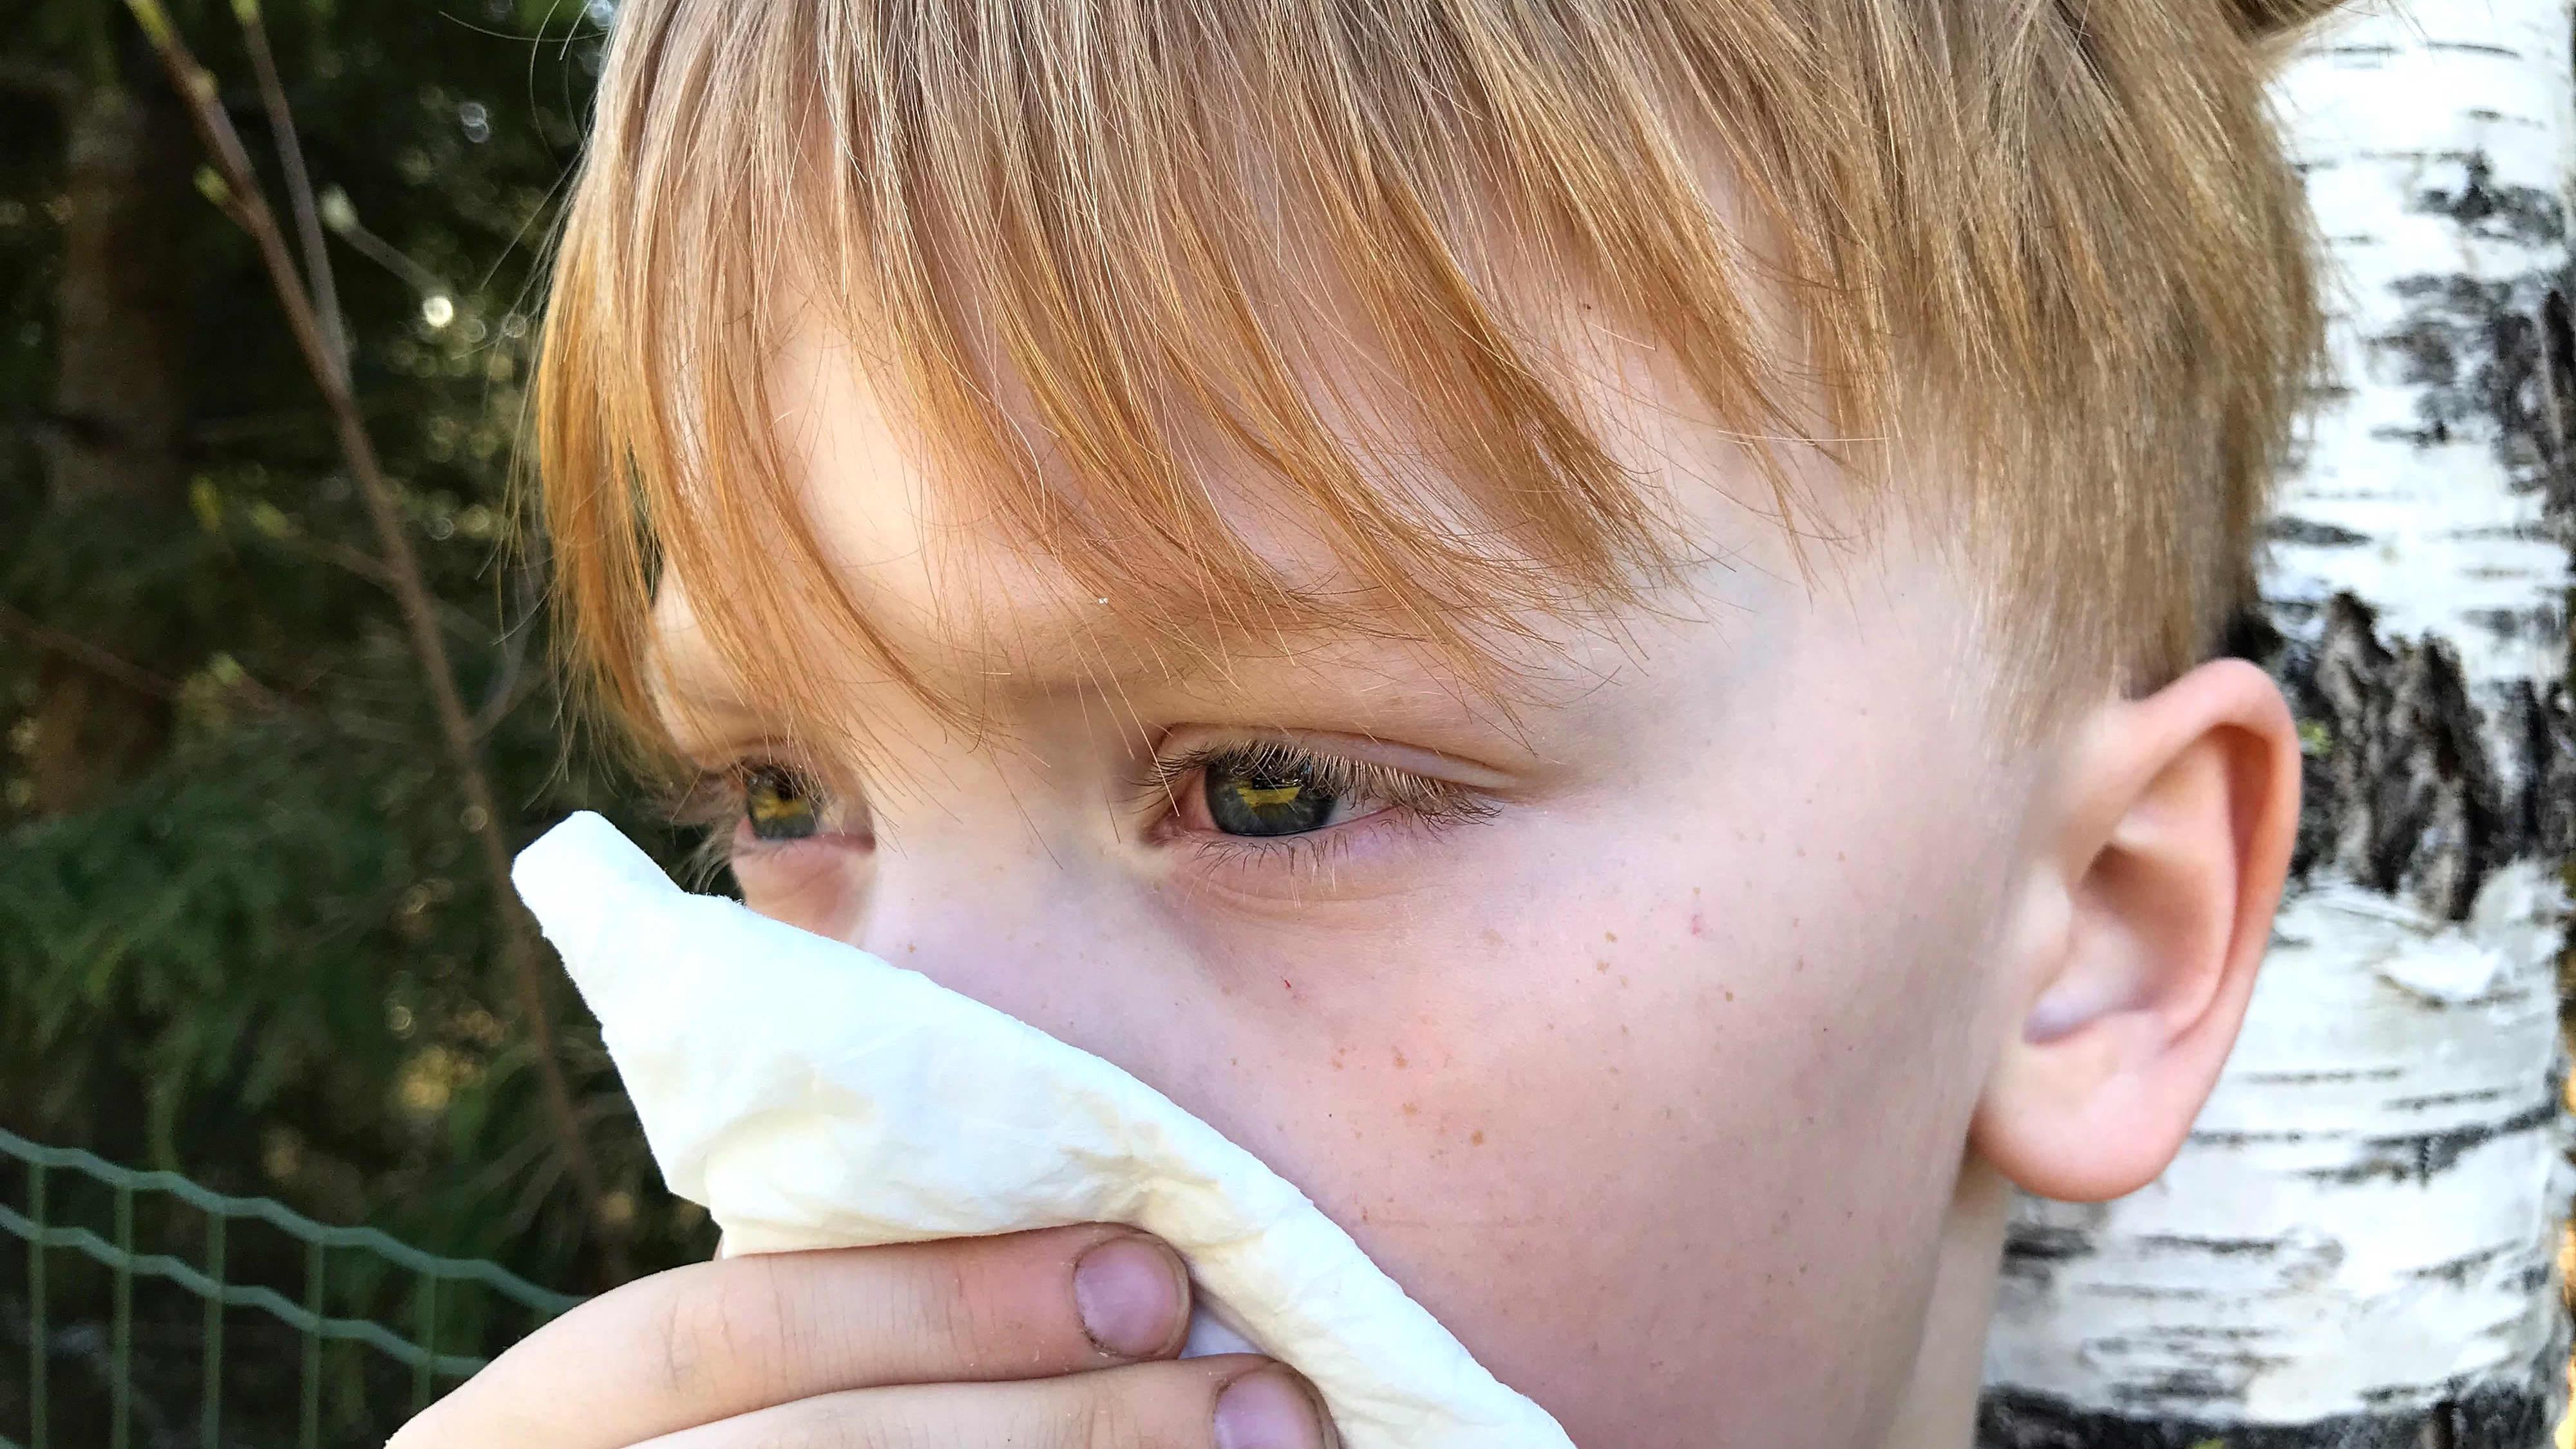 Koivun siitepölylle allerginen lapsi niistää nenäänsä ulkona.